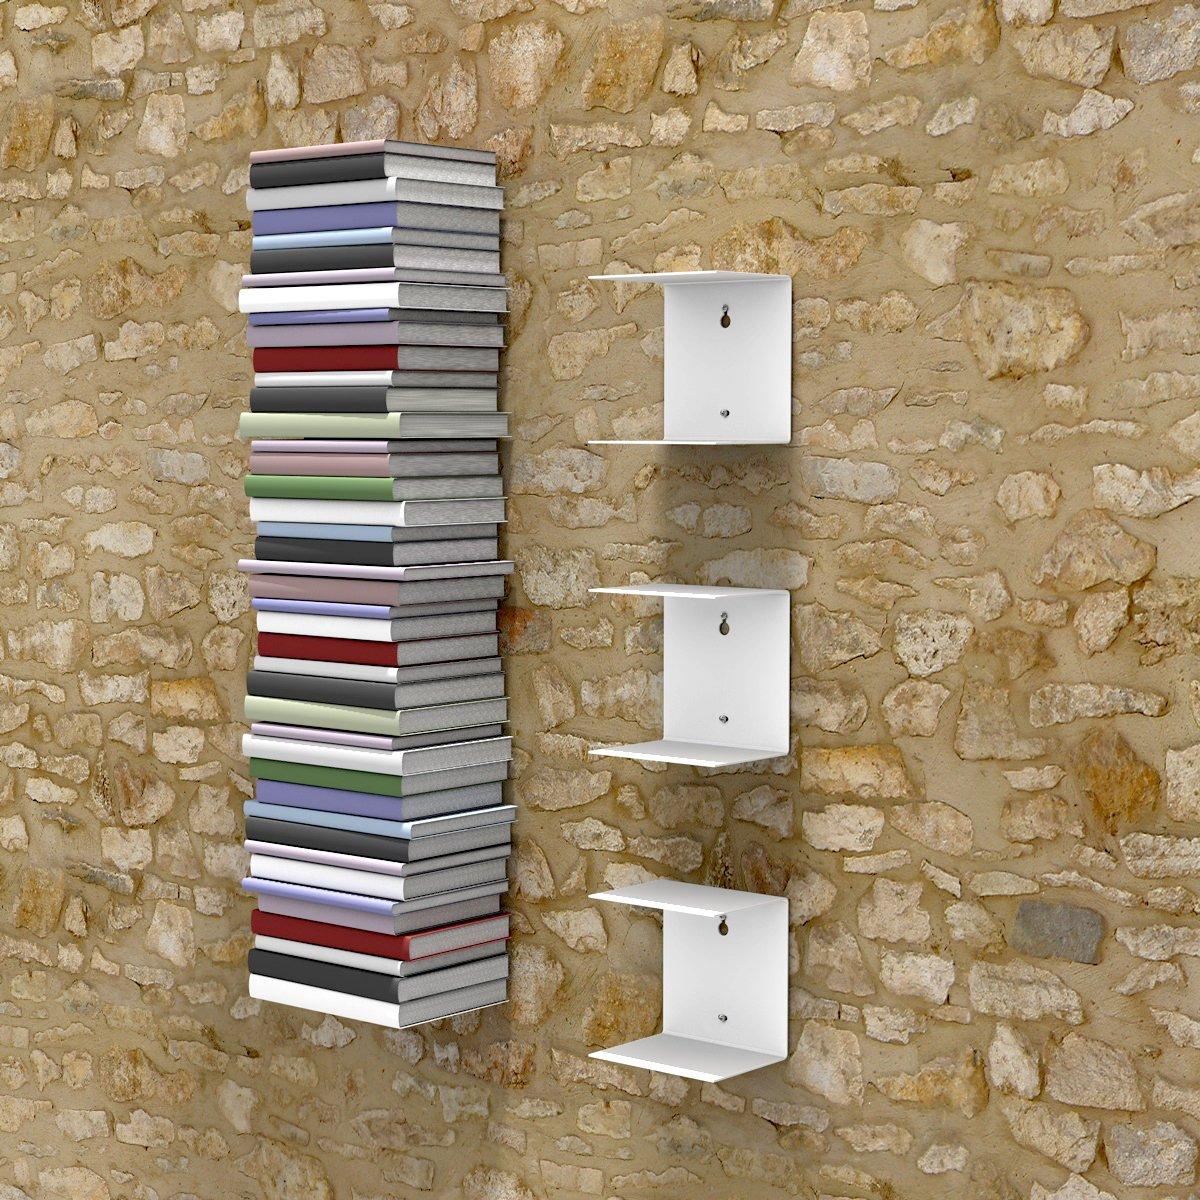 Wandregal bücher unsichtbar  3 weisse unsichtbare Bücherregale mit 6 Fächern bis zu 150 cm ...